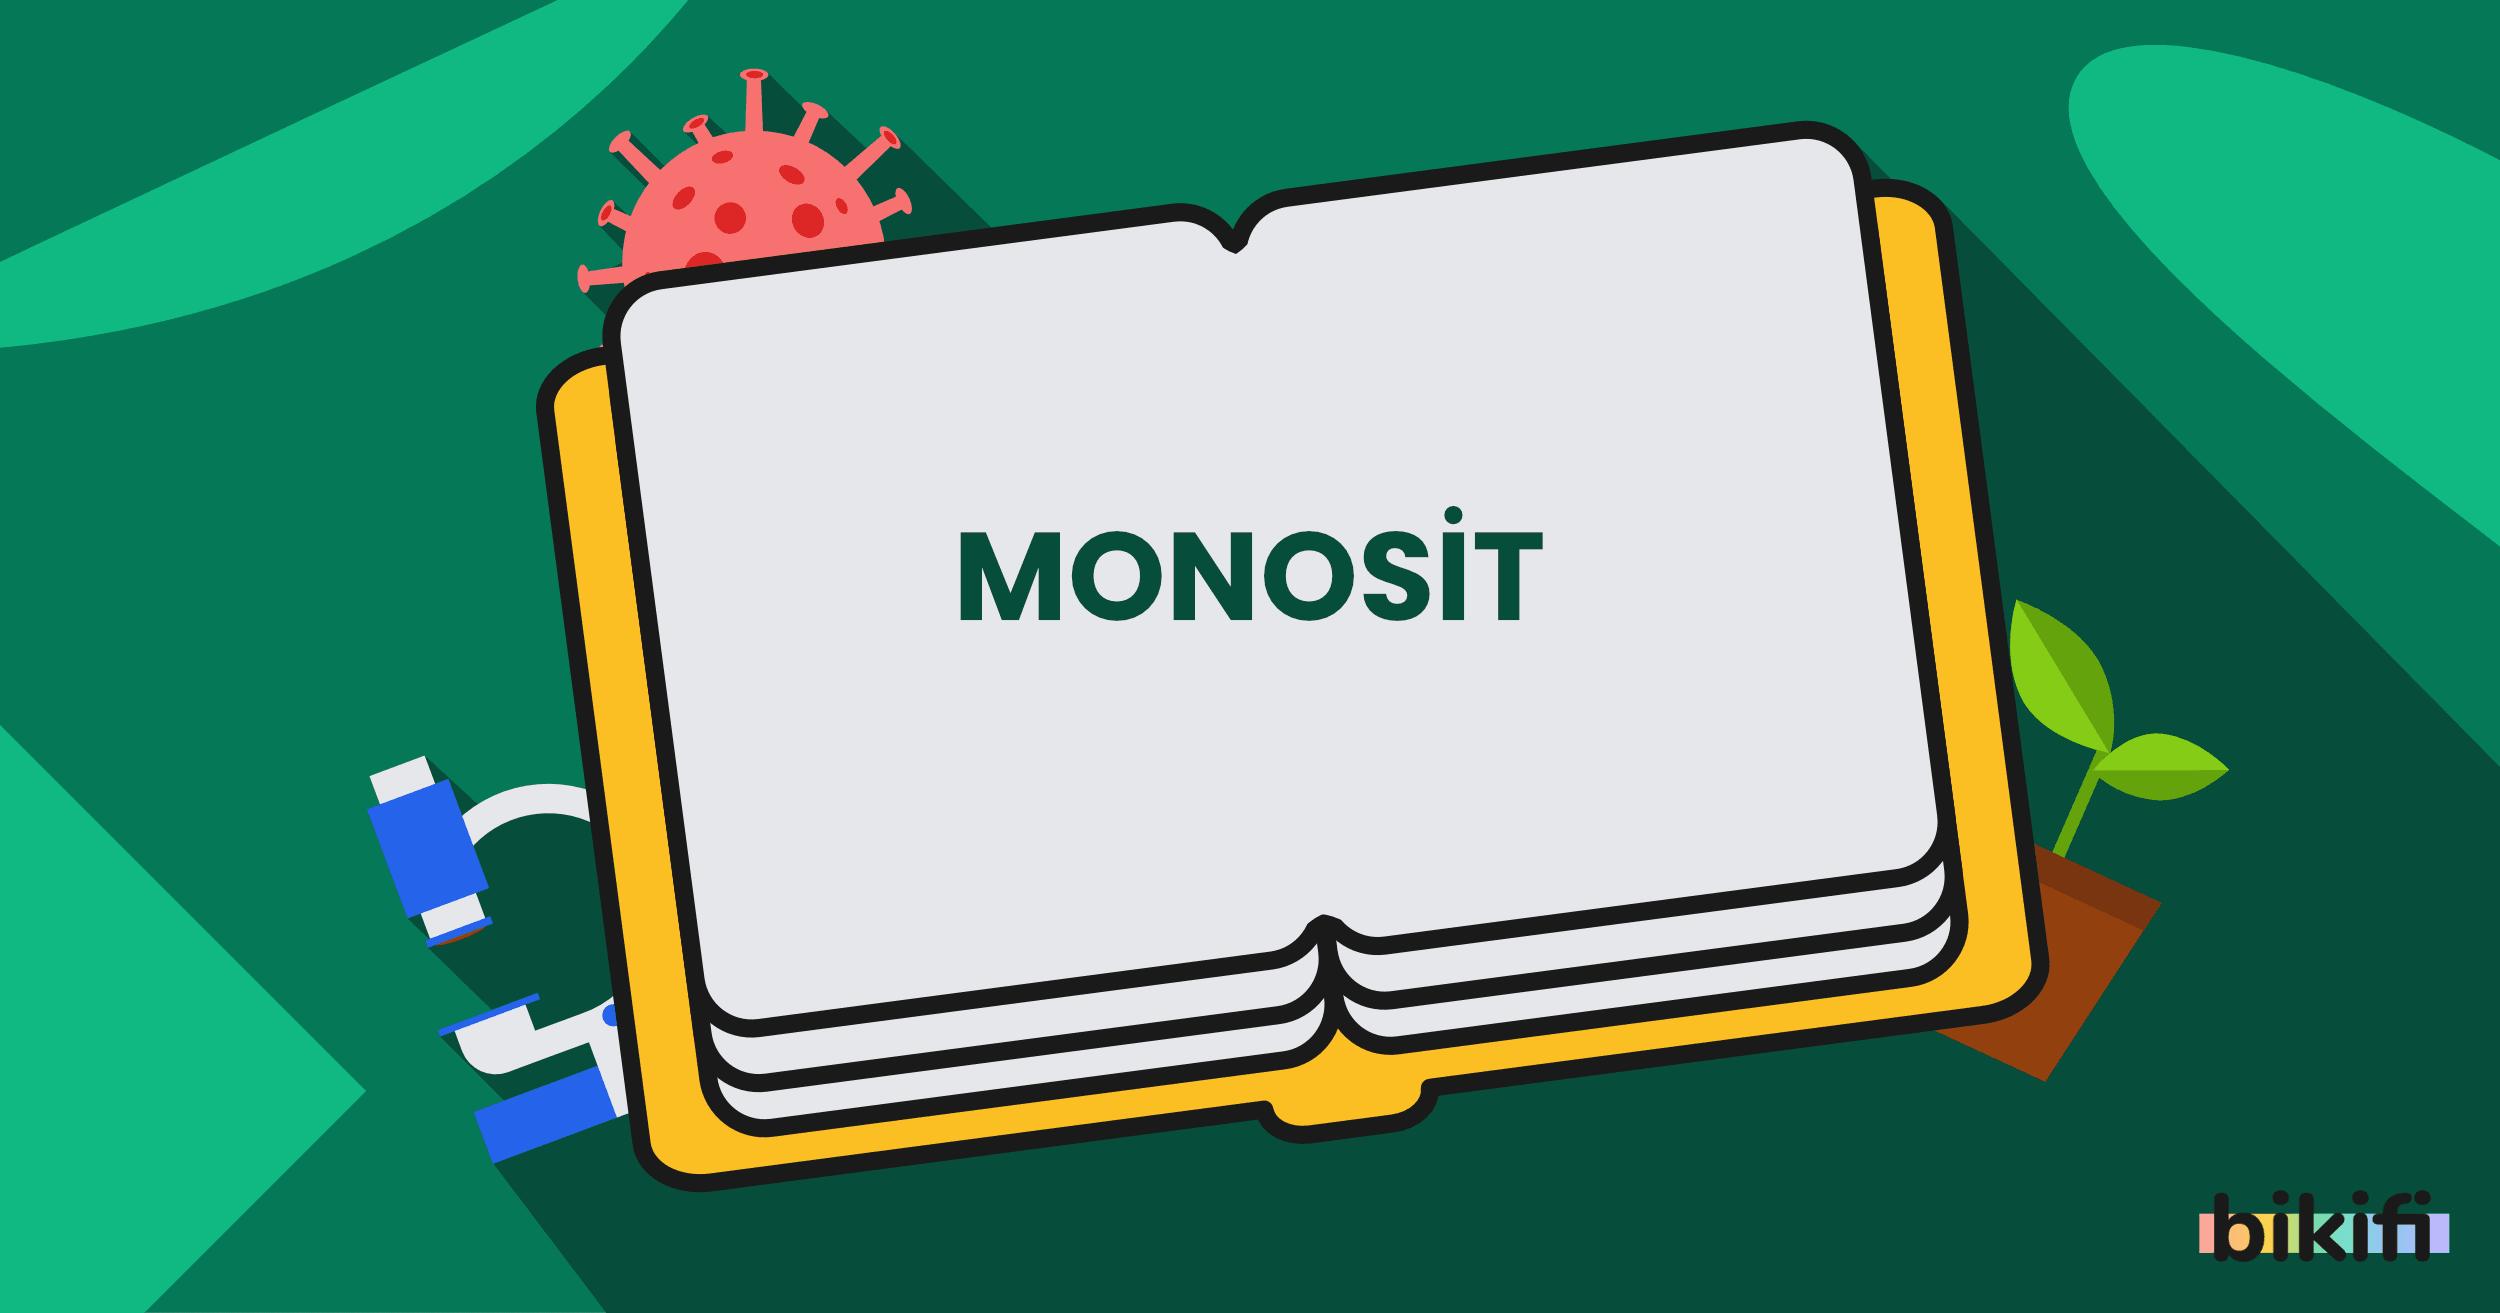 Monosit